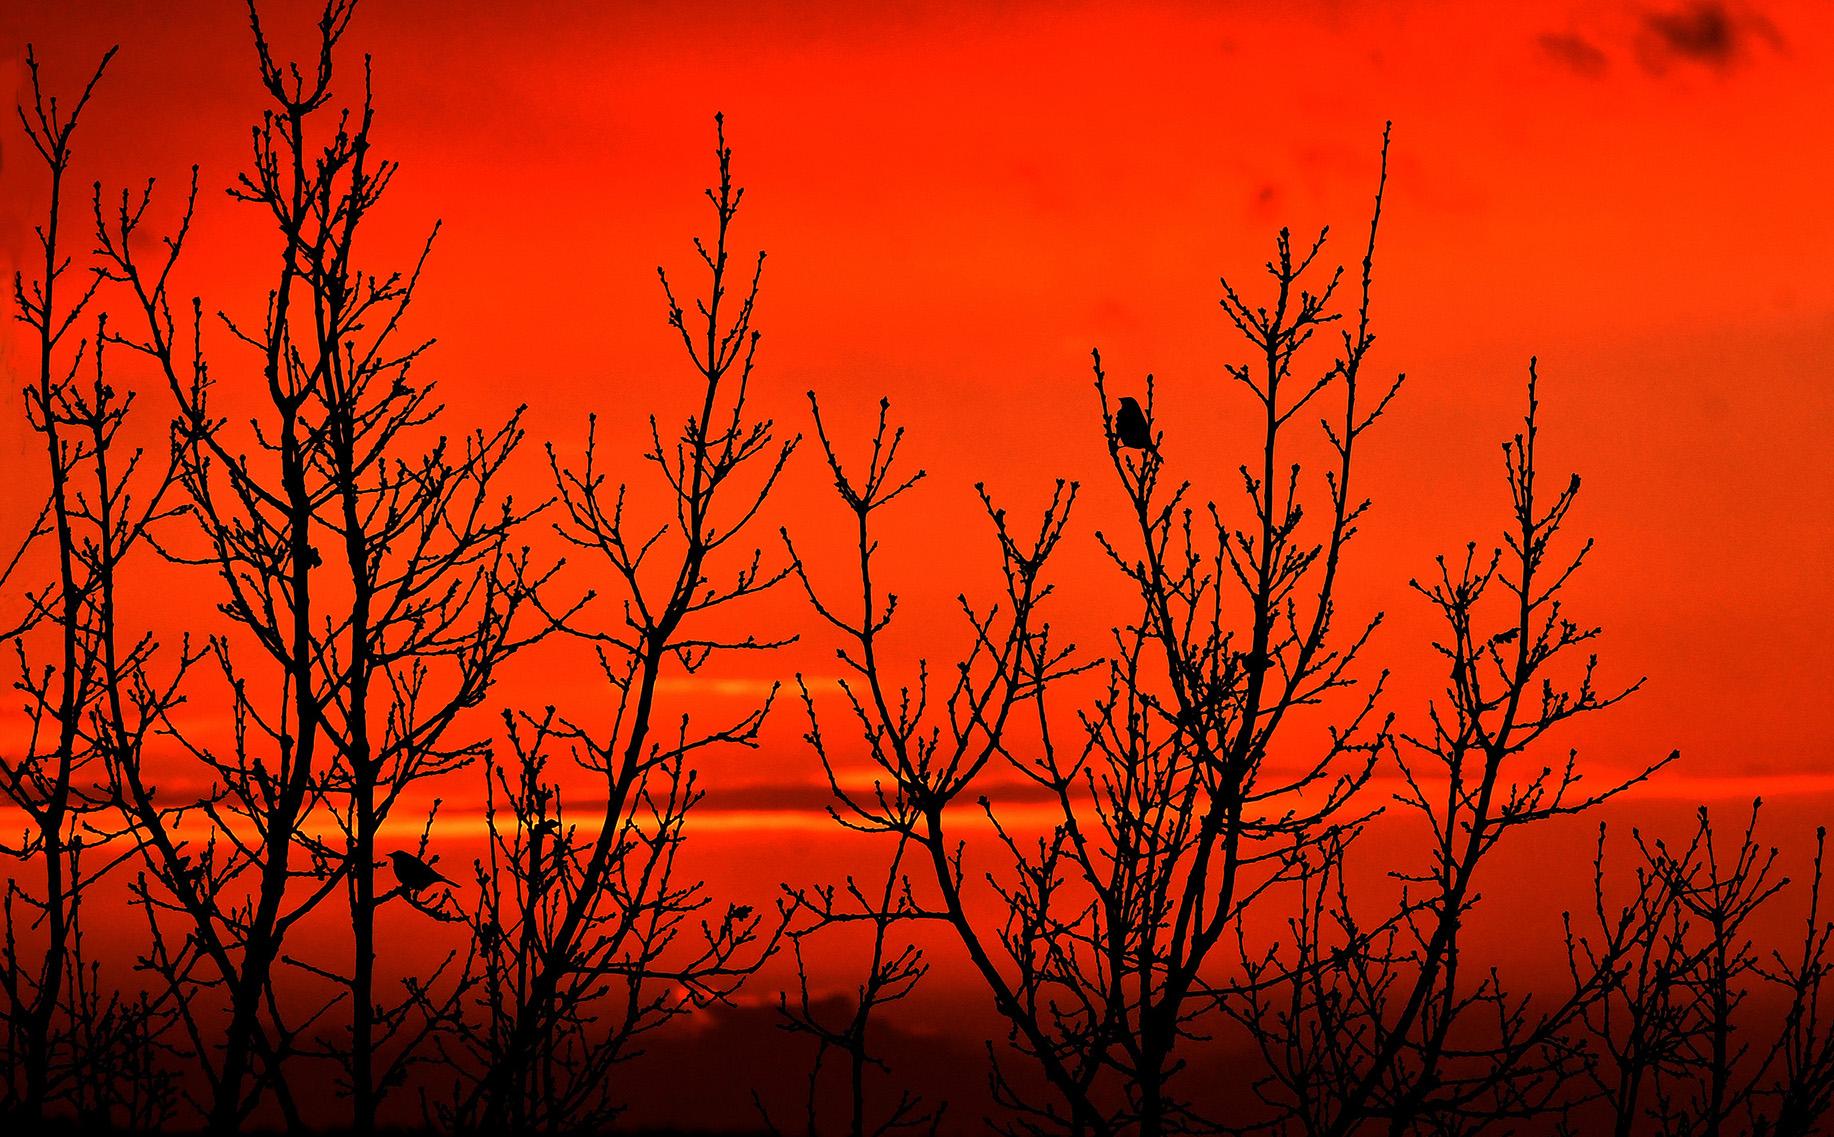 We ontdekken ineens twee kleine vogeltjes boven in de top van de oude eikenboom - Foto: ©Louis Fraanje